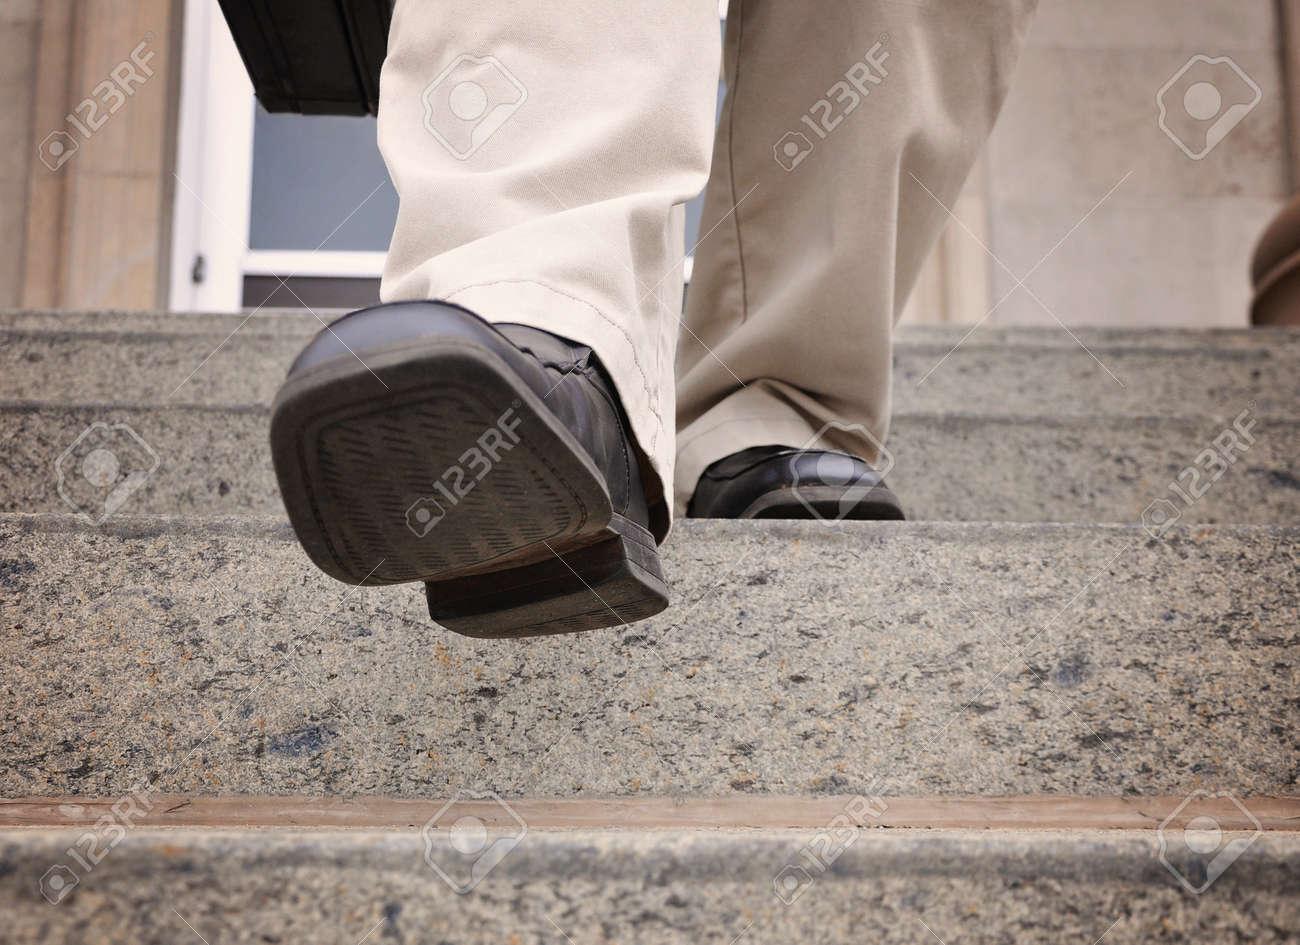 Un homme daffaires se retire dans les escaliers dans un bureau pour